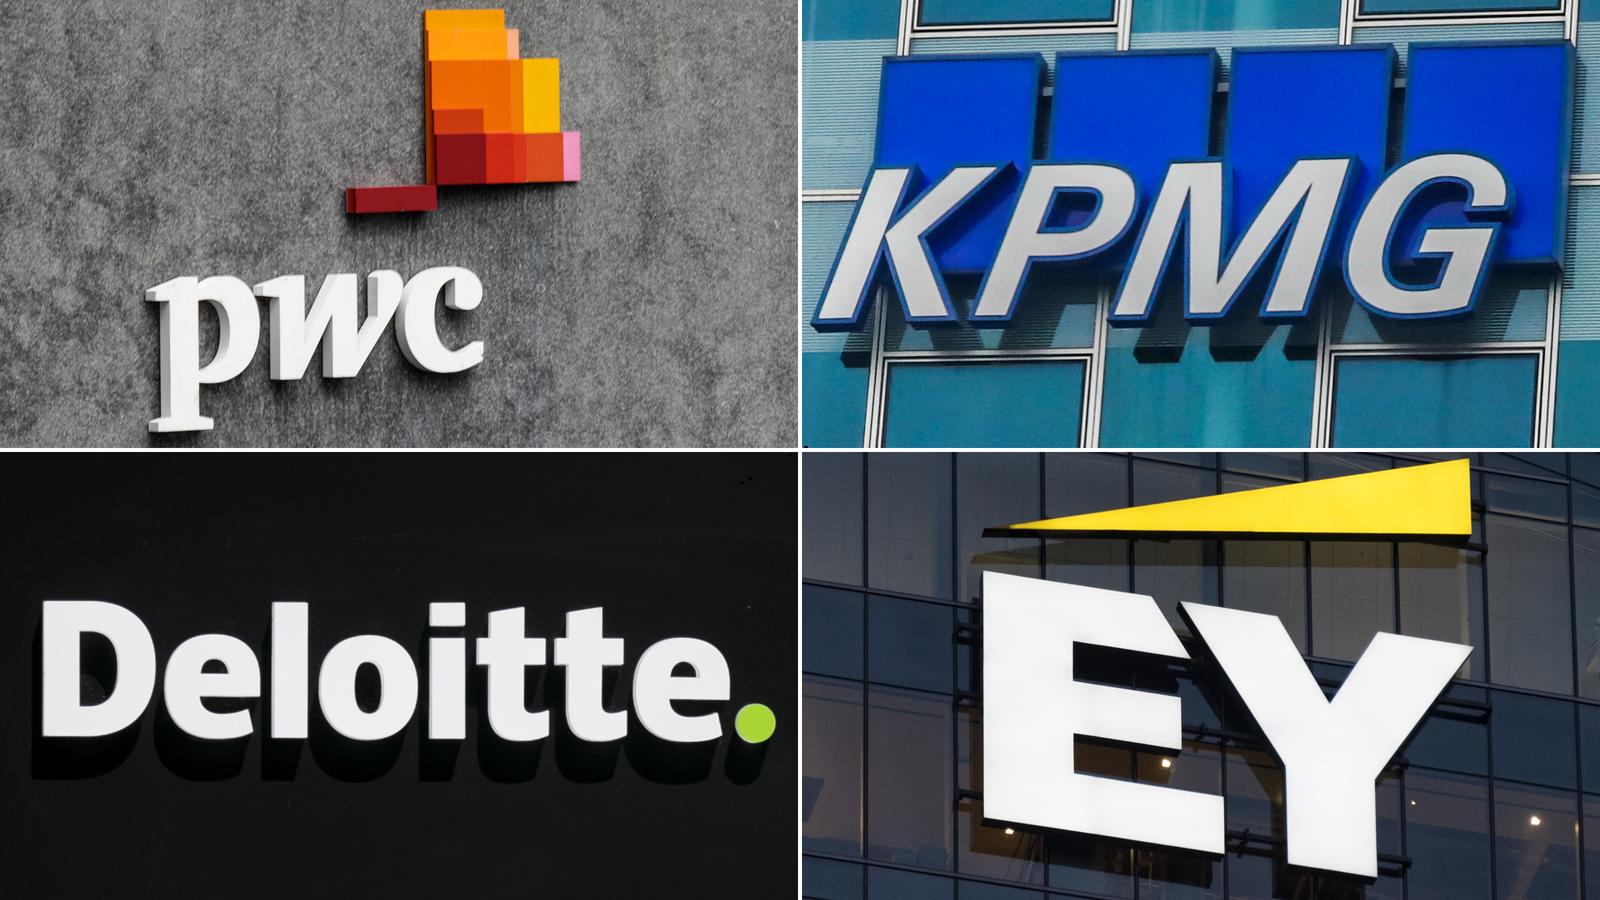 Reino Unido impõe mudanças nas 4 gigantes de auditoria após série de escândalos